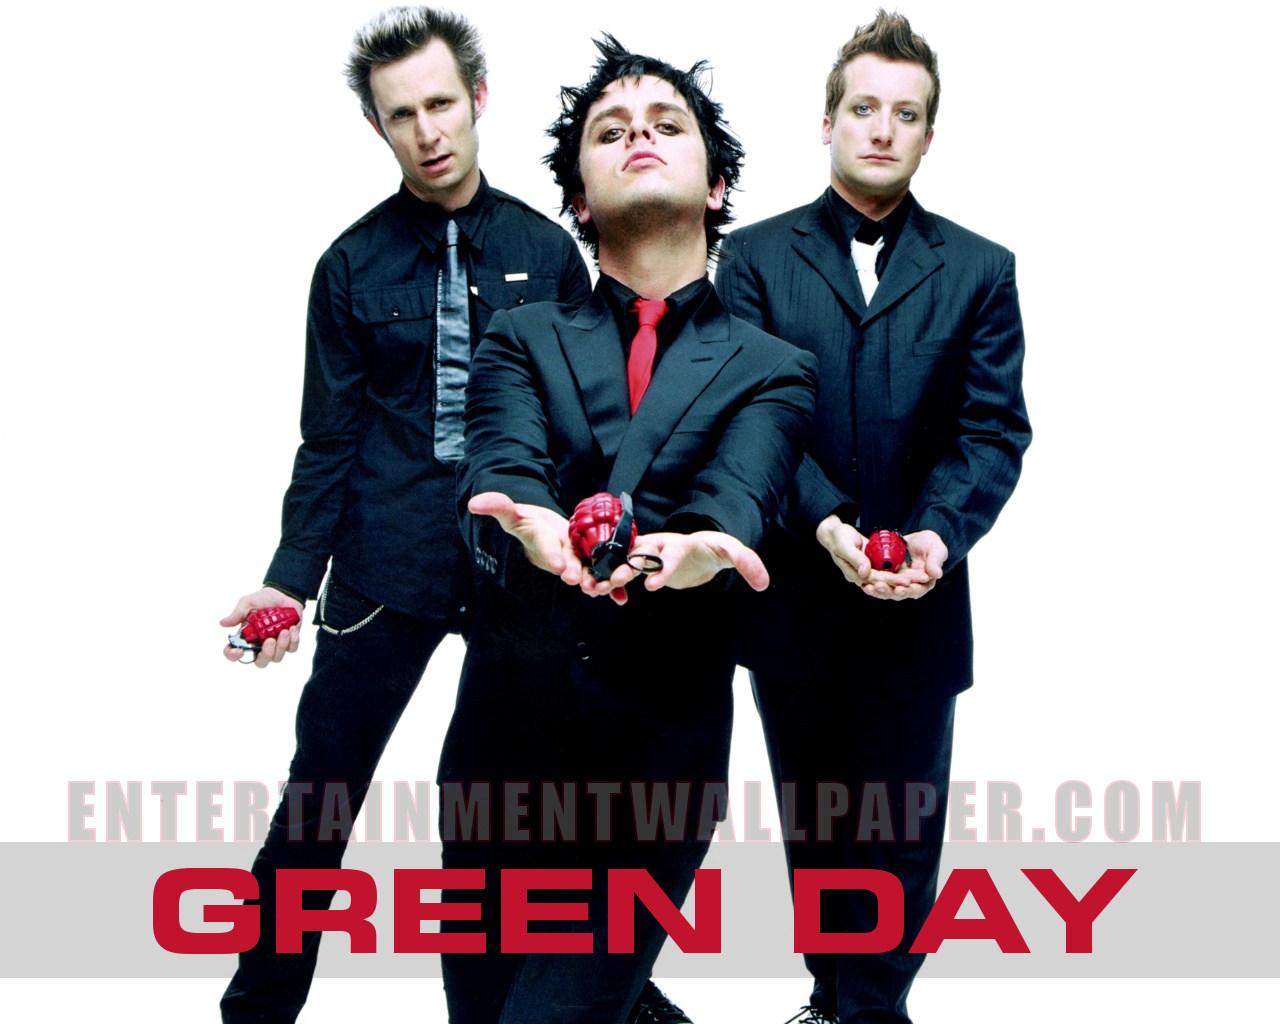 http://2.bp.blogspot.com/-PHHdpqQuJHc/TtxIqDR7rcI/AAAAAAAAAls/WgxmvgwJD8I/s1600/green-day-wallpaper-7-768230.jpg